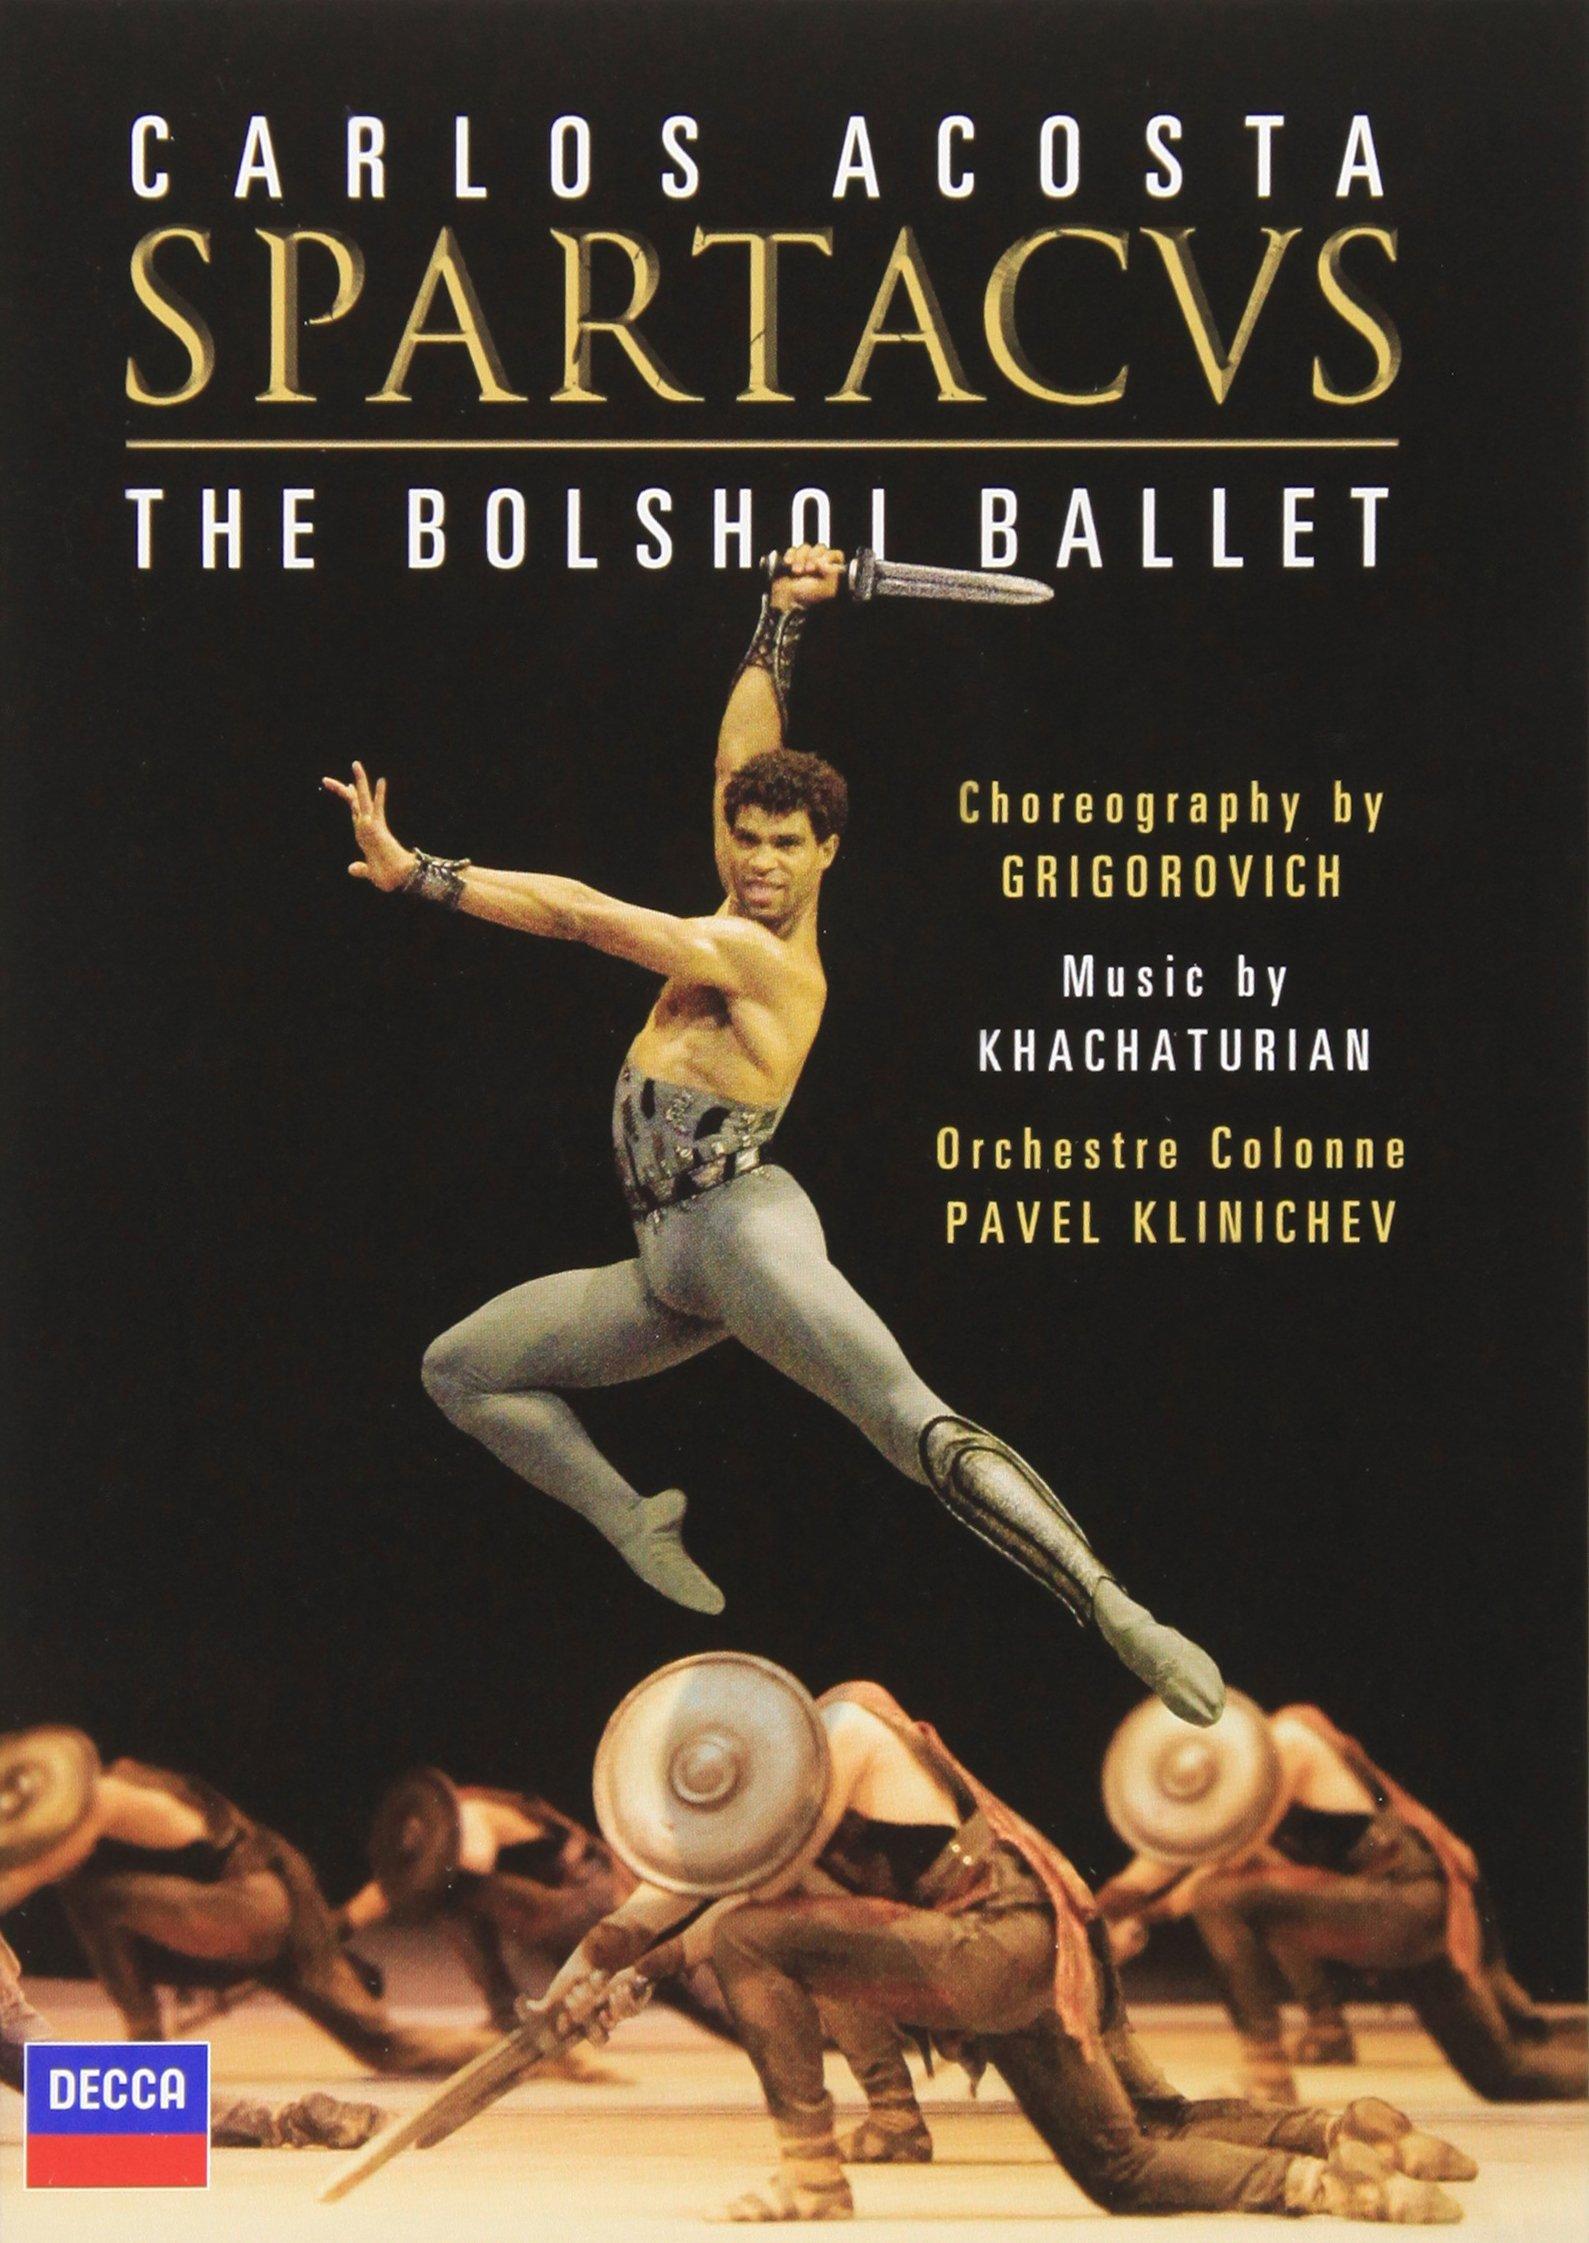 DVD : Carlos Acosta - Spartacus (Widescreen)